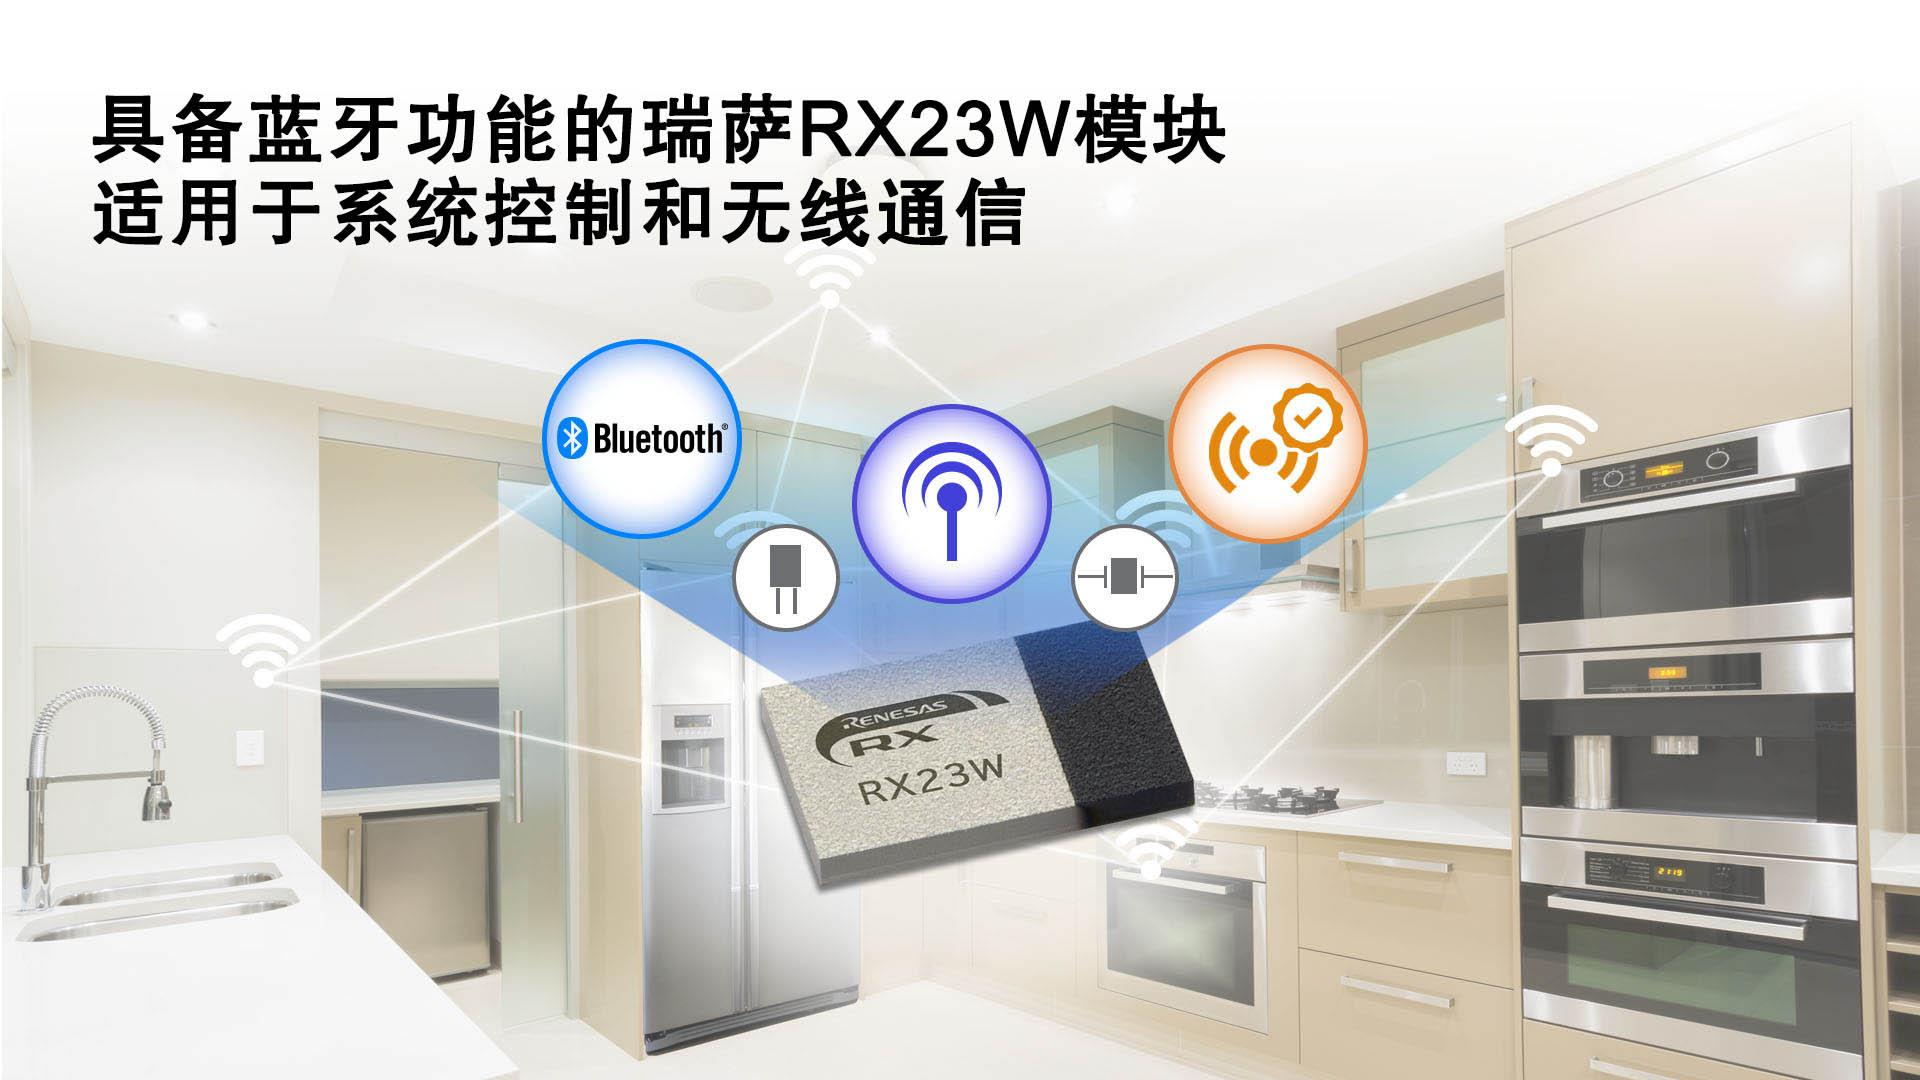 瑞萨电子推出具备蓝牙功能的RX23W模块 适用于物联网设备的系统控制与无线通信